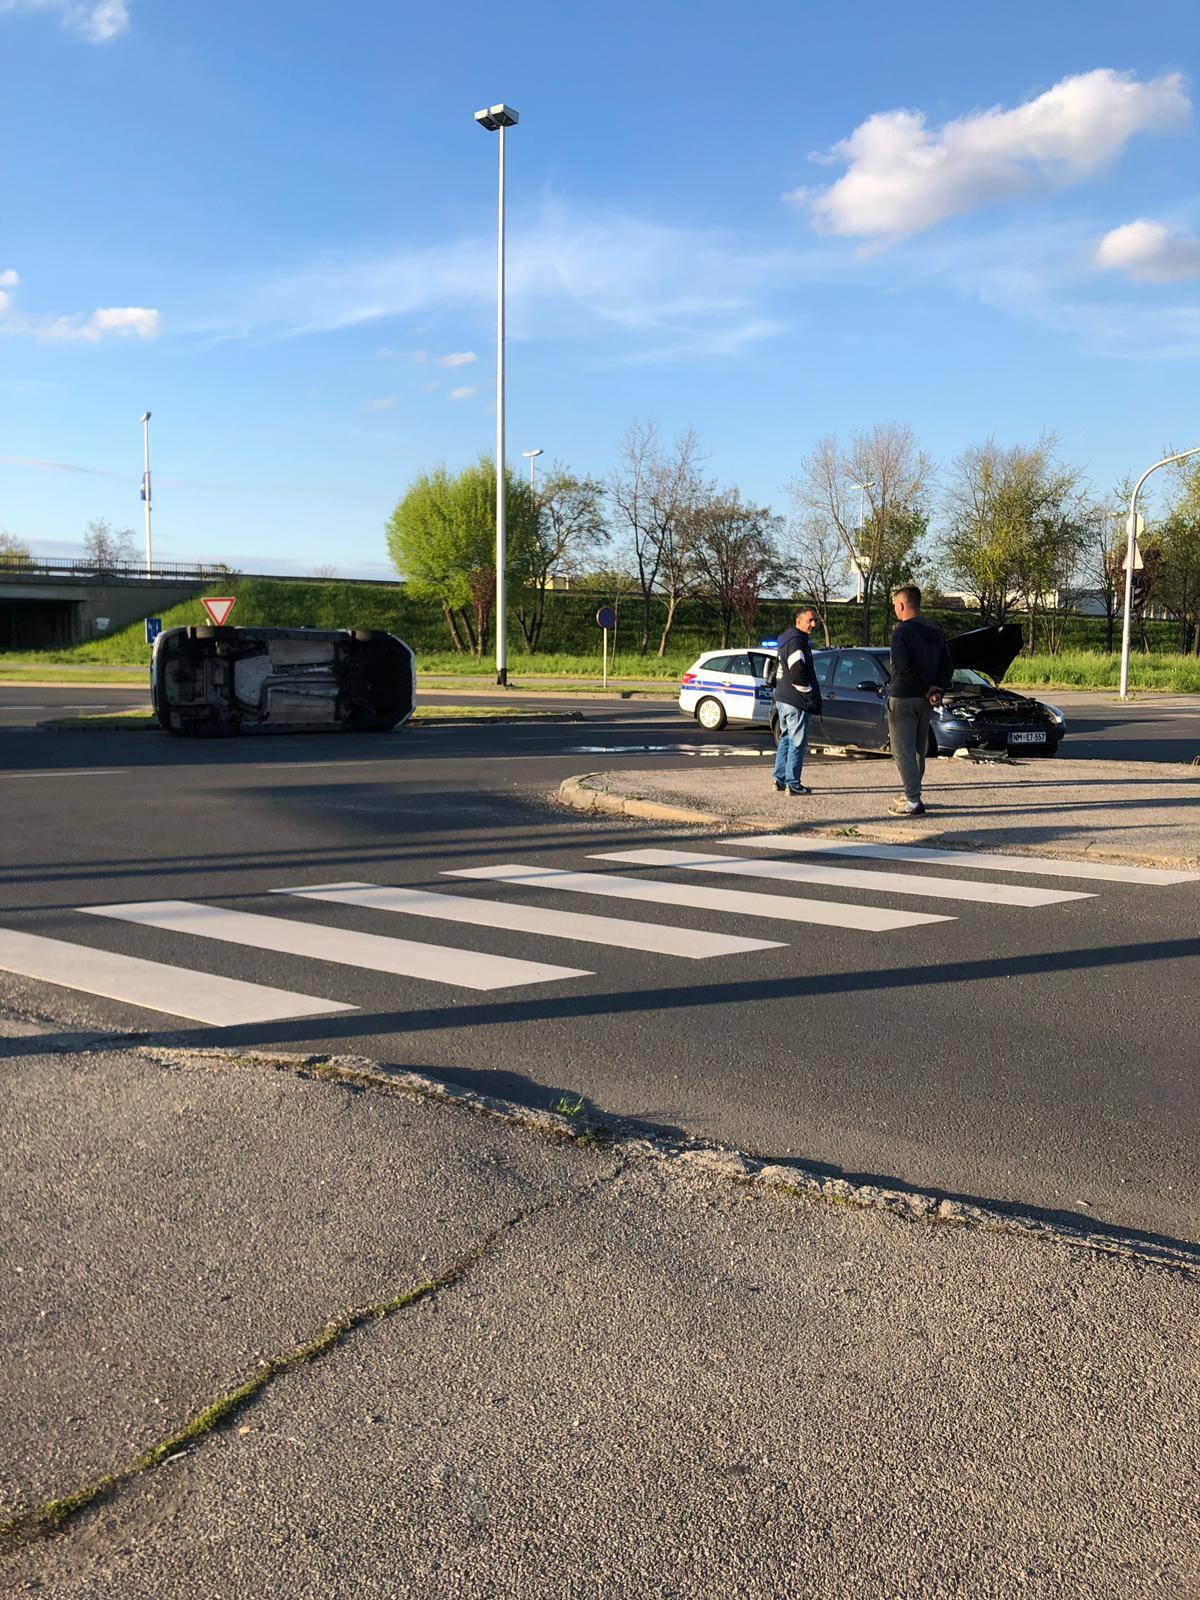 Dvoje ljudi ozlijeđeno u sudaru u Zagrebu: Promet je prekinut